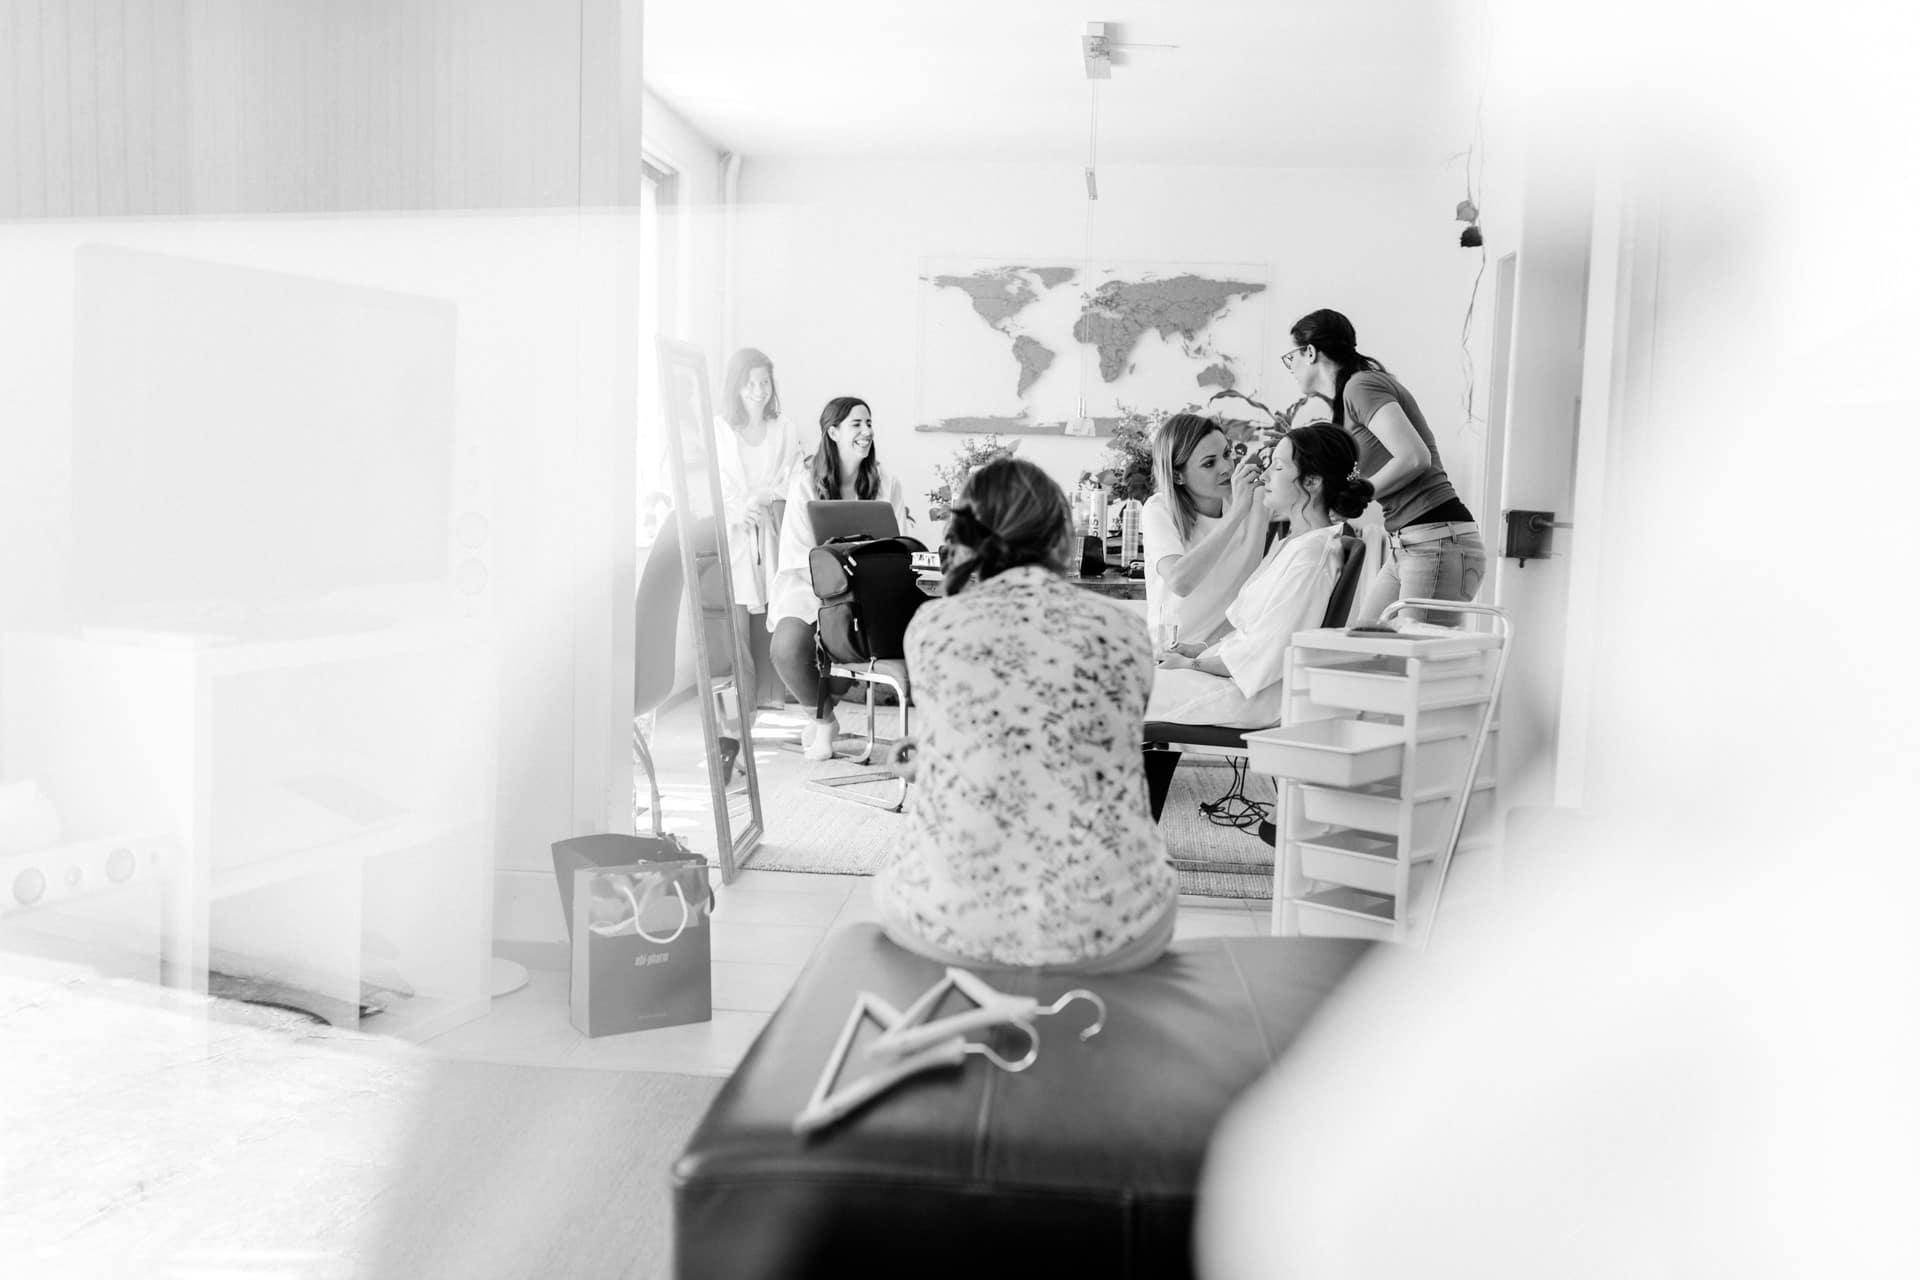 Hochzeitsreportage einer Hochzeit in Solothurn und auf dem Attisholz Areal in Riedholz